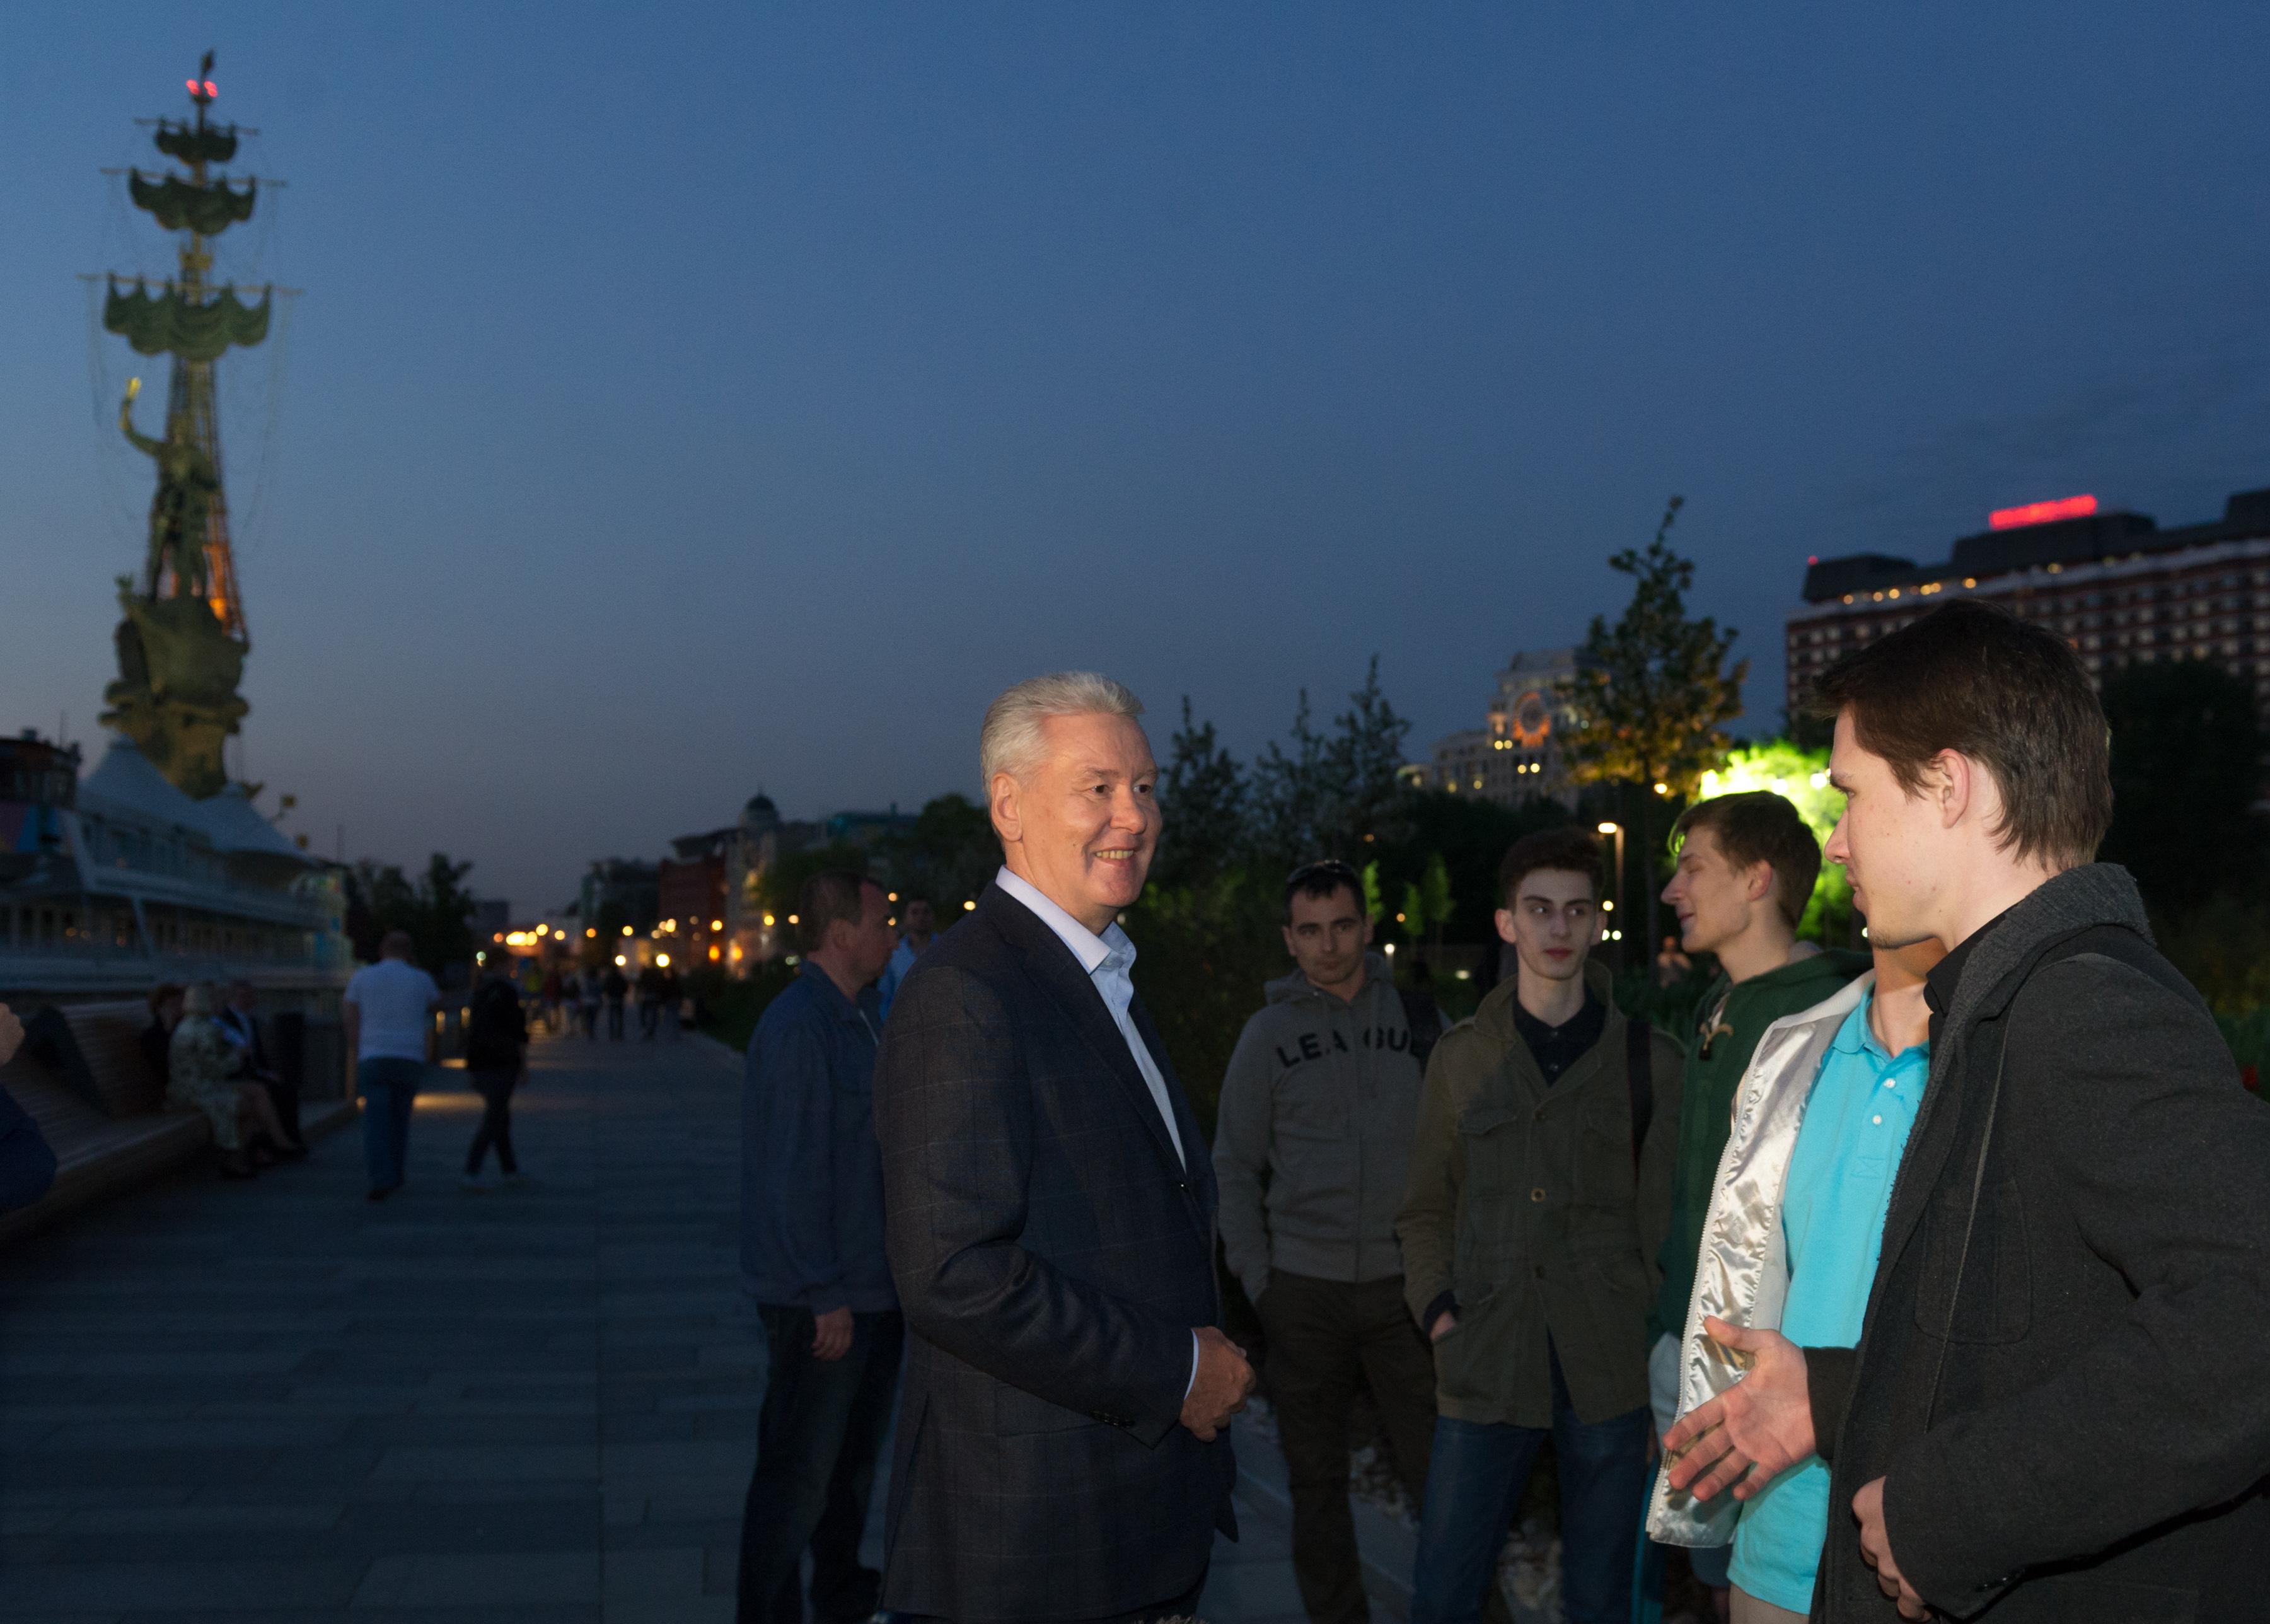 Осмотр архитектурно-художественной подсветки на Крымском мосту